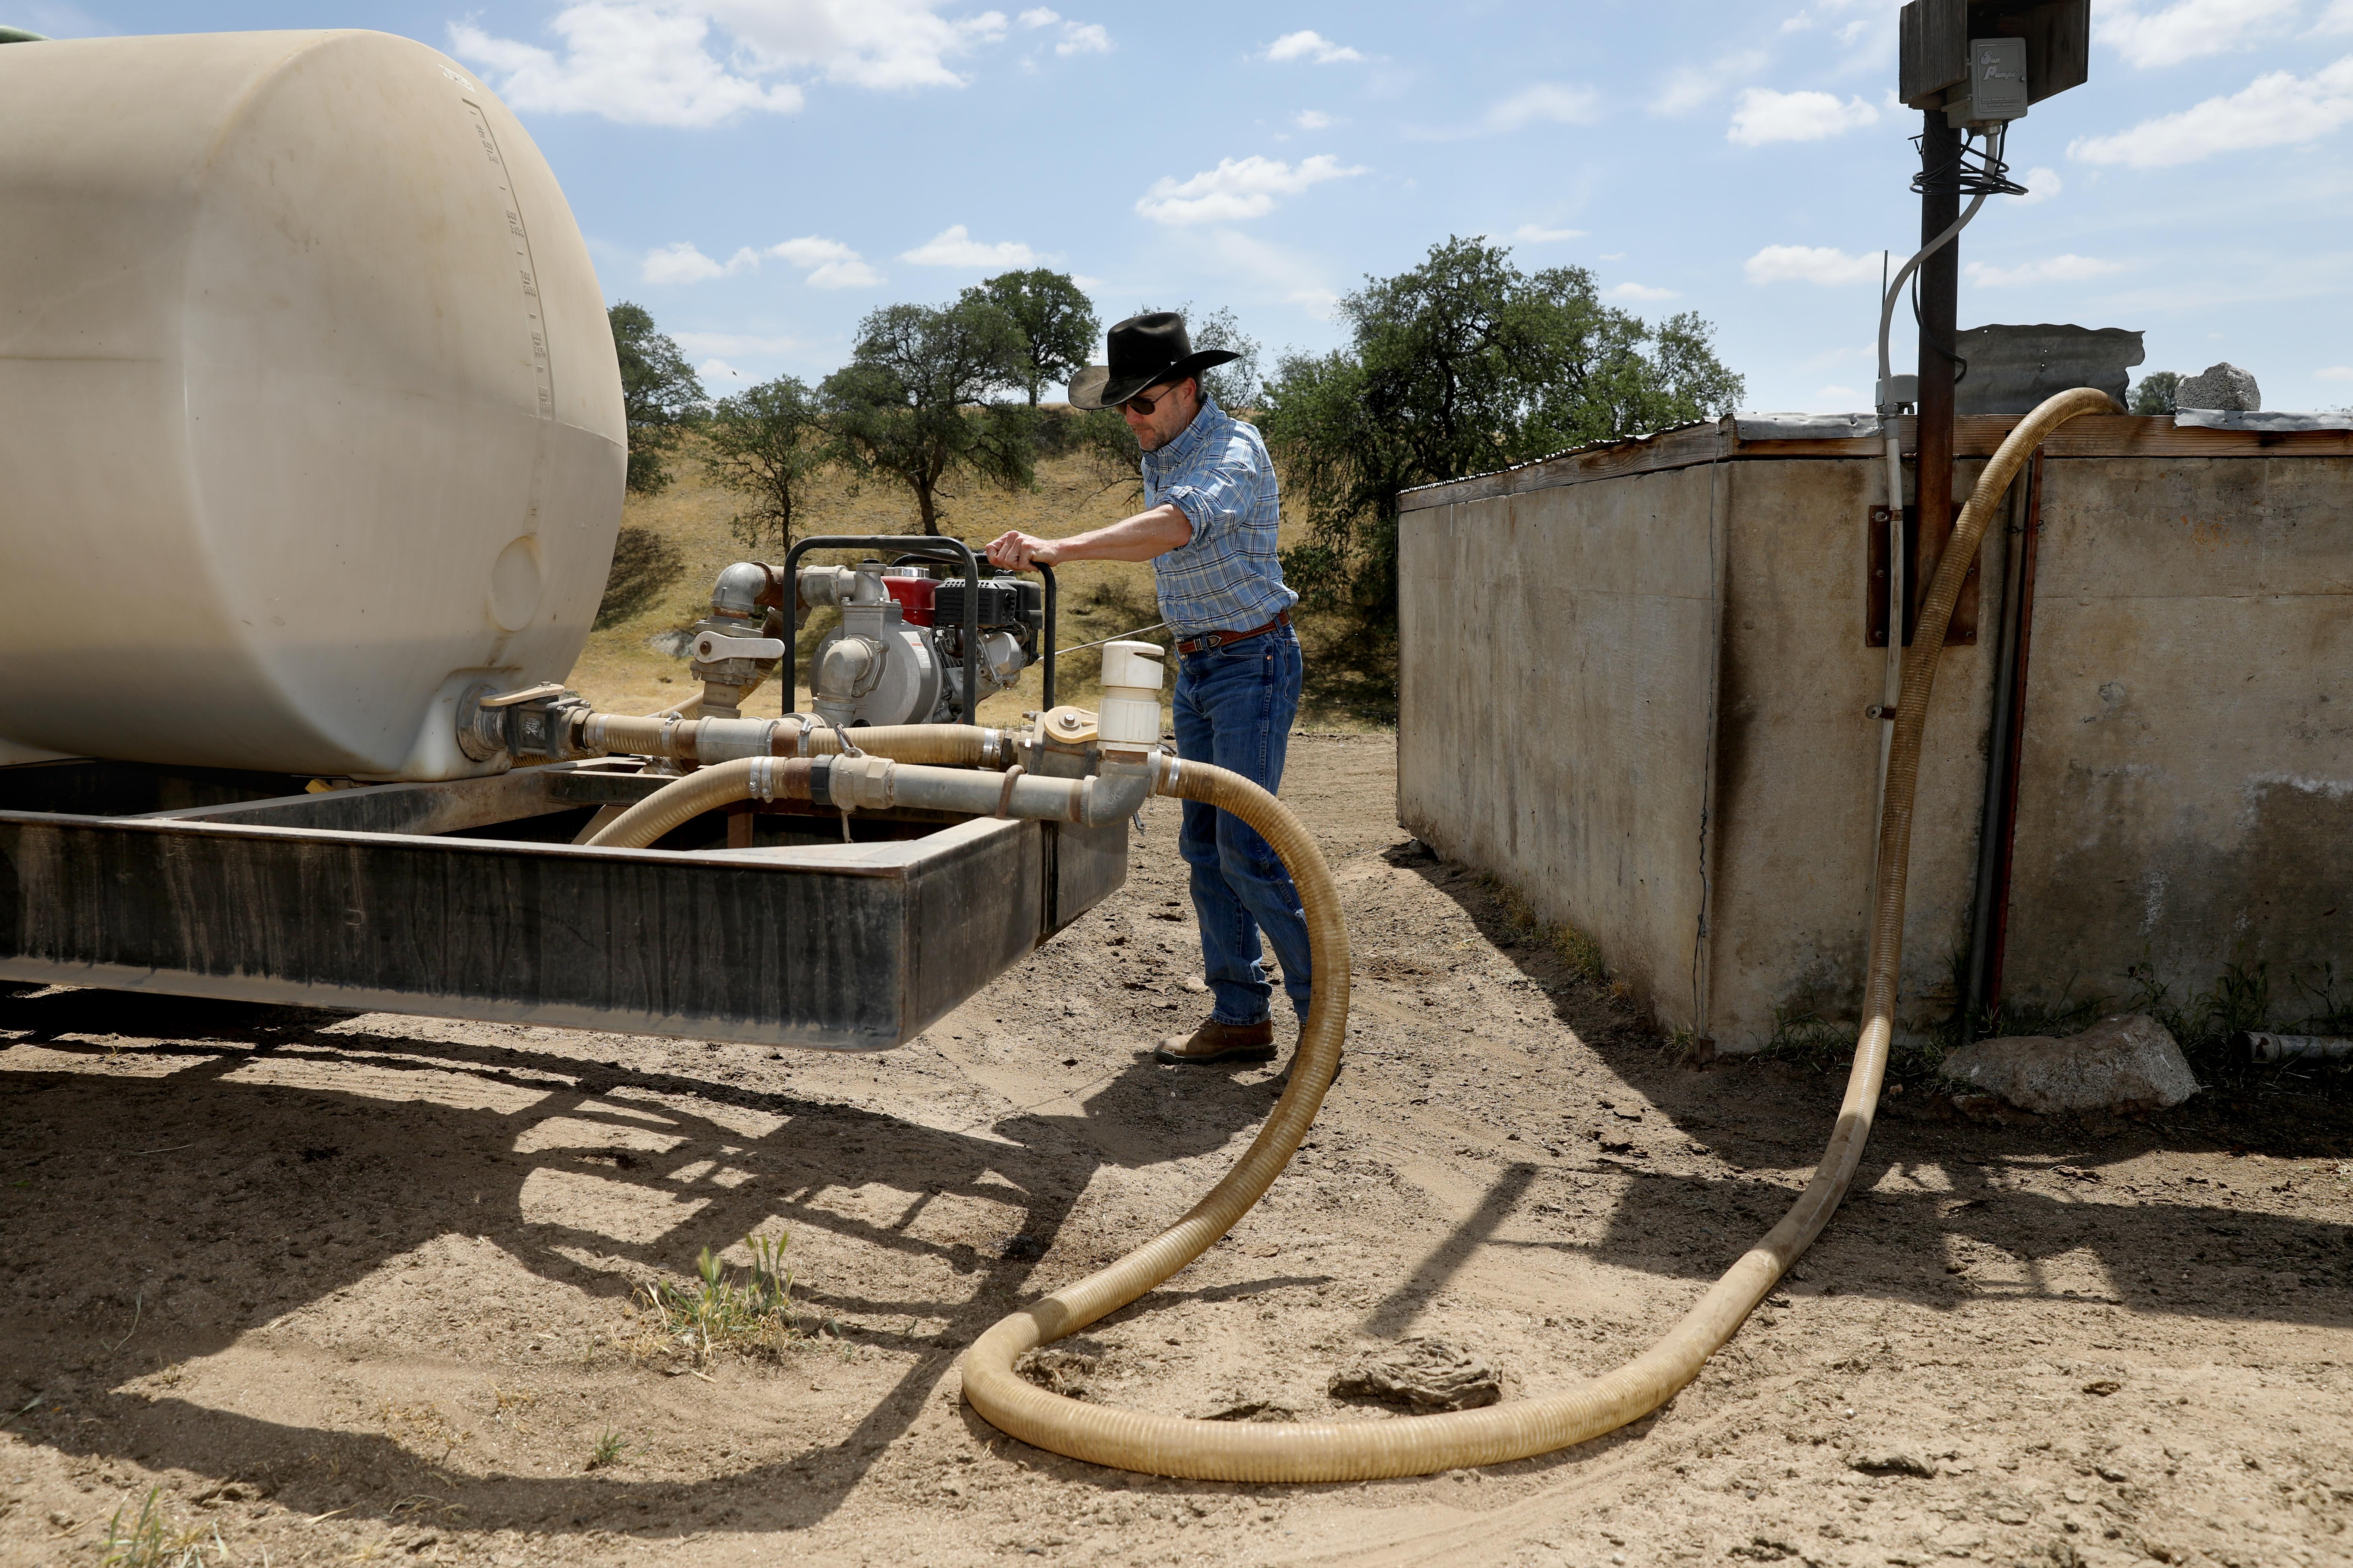 John Guthrie, 52 ans, président du Tulare County Farm Bureau et propriétaire d'un élevage et d'une ferme qui appartient à sa famille depuis 150 ans, pompe l'eau d'une citerne de 3000 gallons dans une remorque à eau pour la ramener au siège de son ranch dans le sud-est. Comté de Tulare le jeudi 22 avril 2021 à Porterville, Californie. Crédit: Gary Coronado / Los Angeles Times via Getty Images